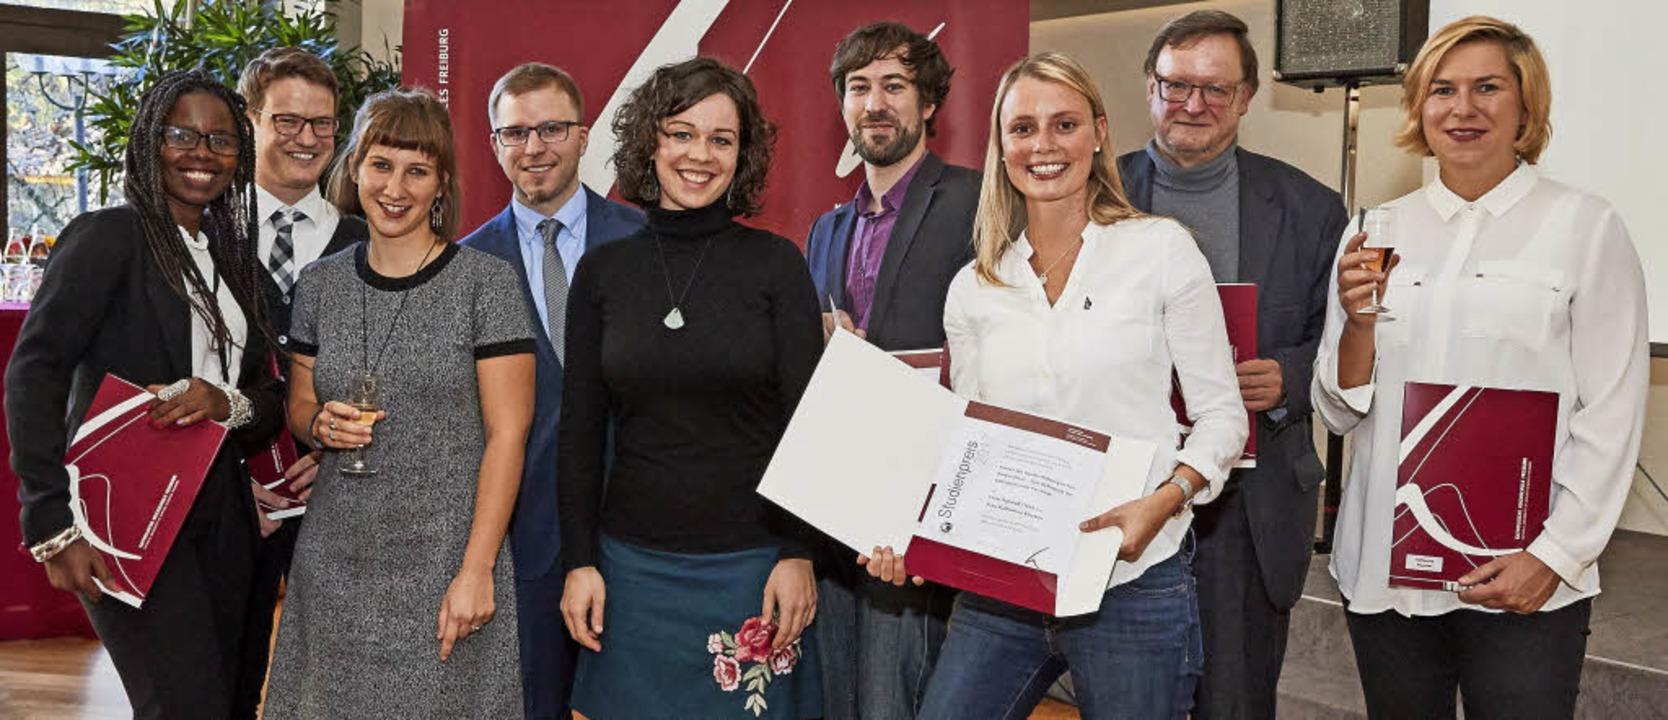 Preisträgerinnen und Preisträger der K...r Jürgen Winkler und Katharina Reuster  | Foto: Florian Bilger Fotodesign/KH Freiburg